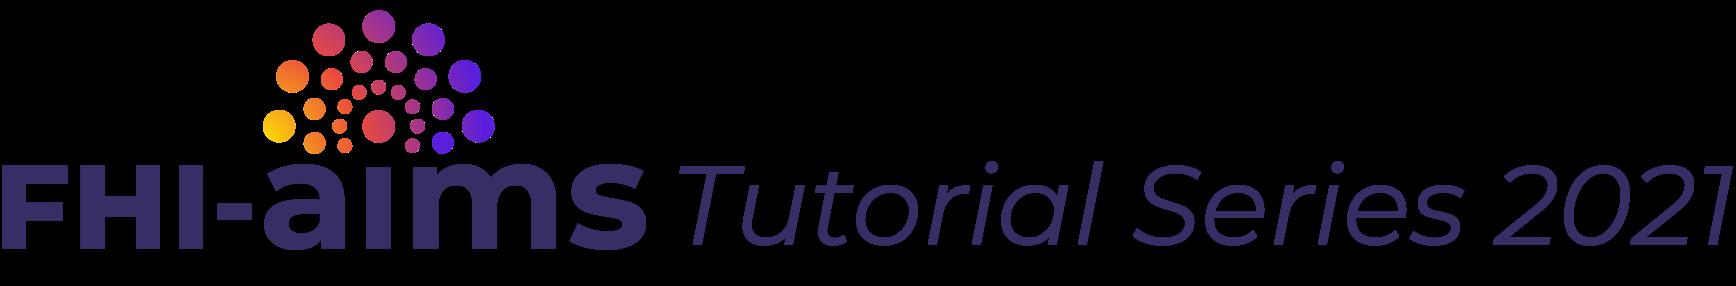 FHI-aims Tutorial Series 2021 Logo